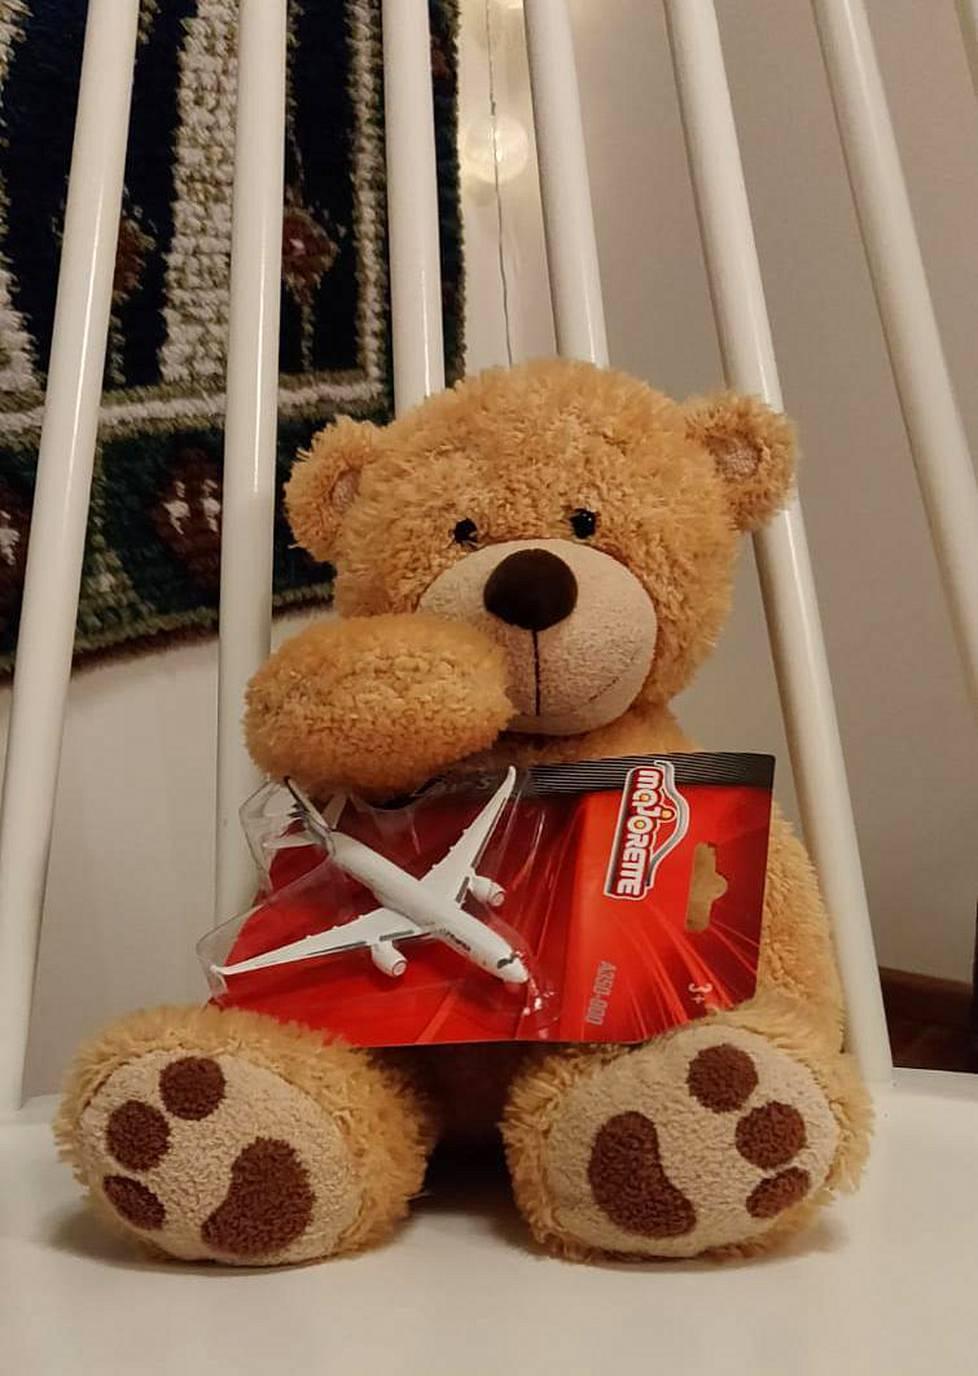 Tavallisesti Henry olisi saapunut Suomeen viimeistään maaliskuussa.